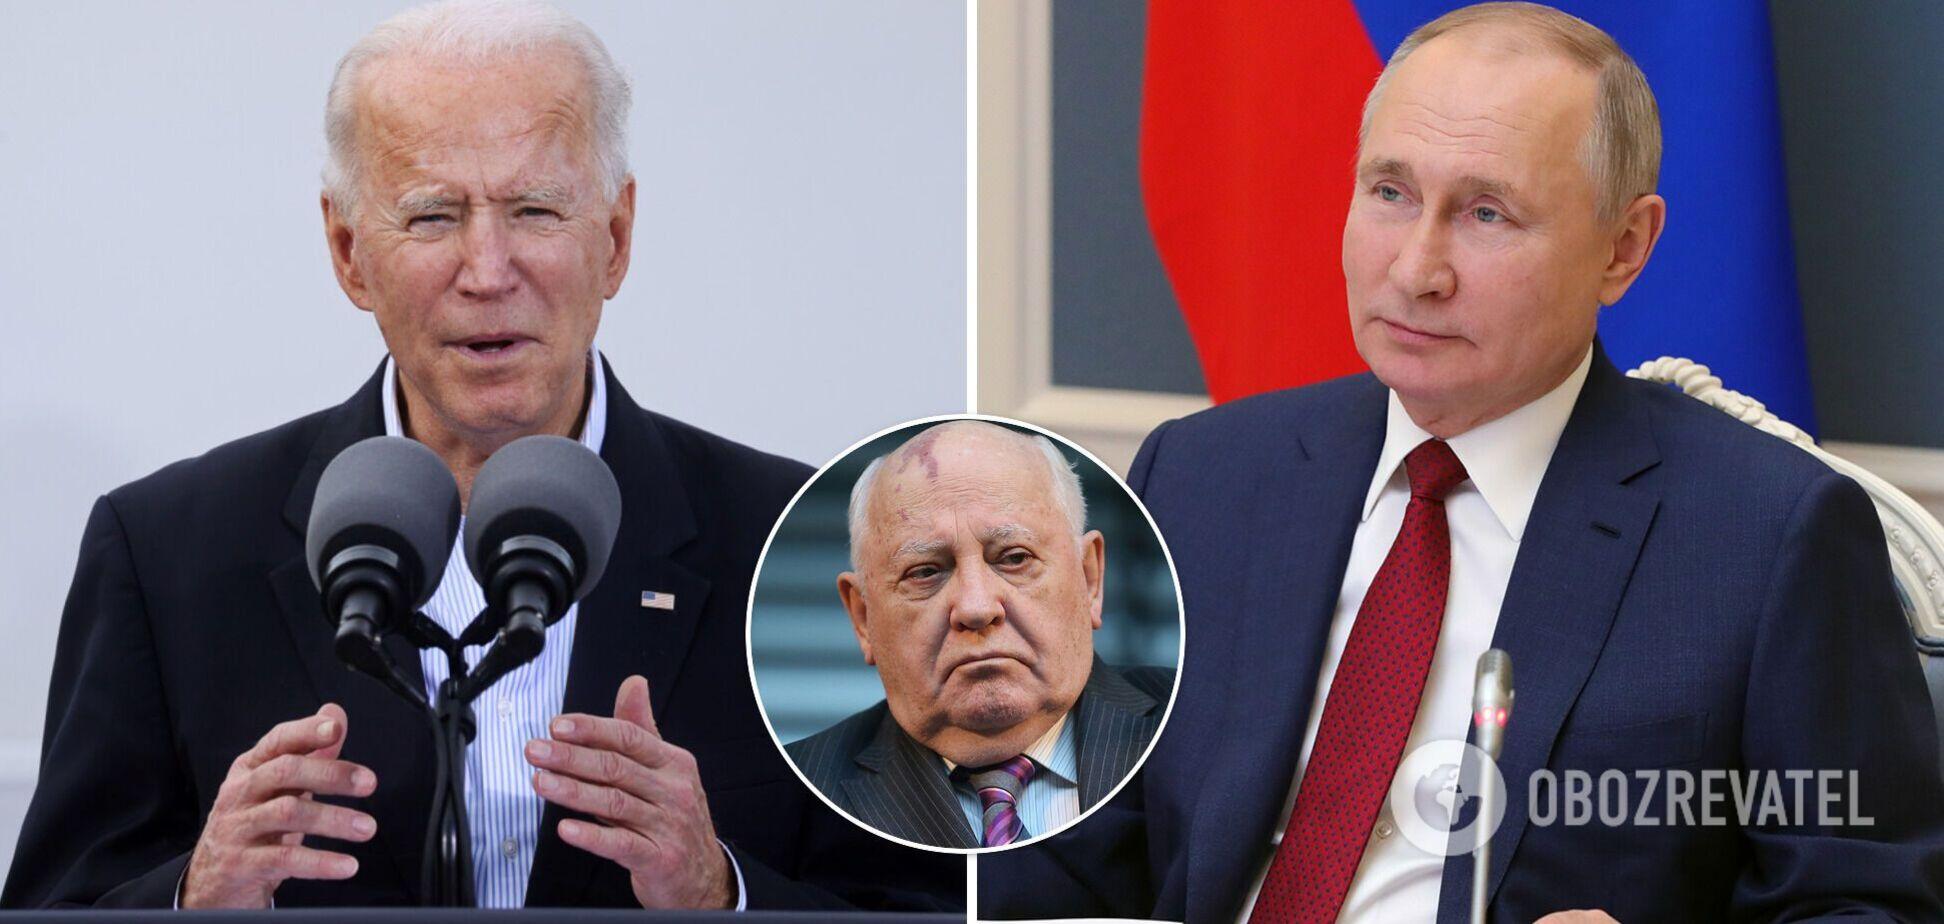 Горбачов порадив Путіну і Байдену зустрітися, щоб уникнути ядерної війни